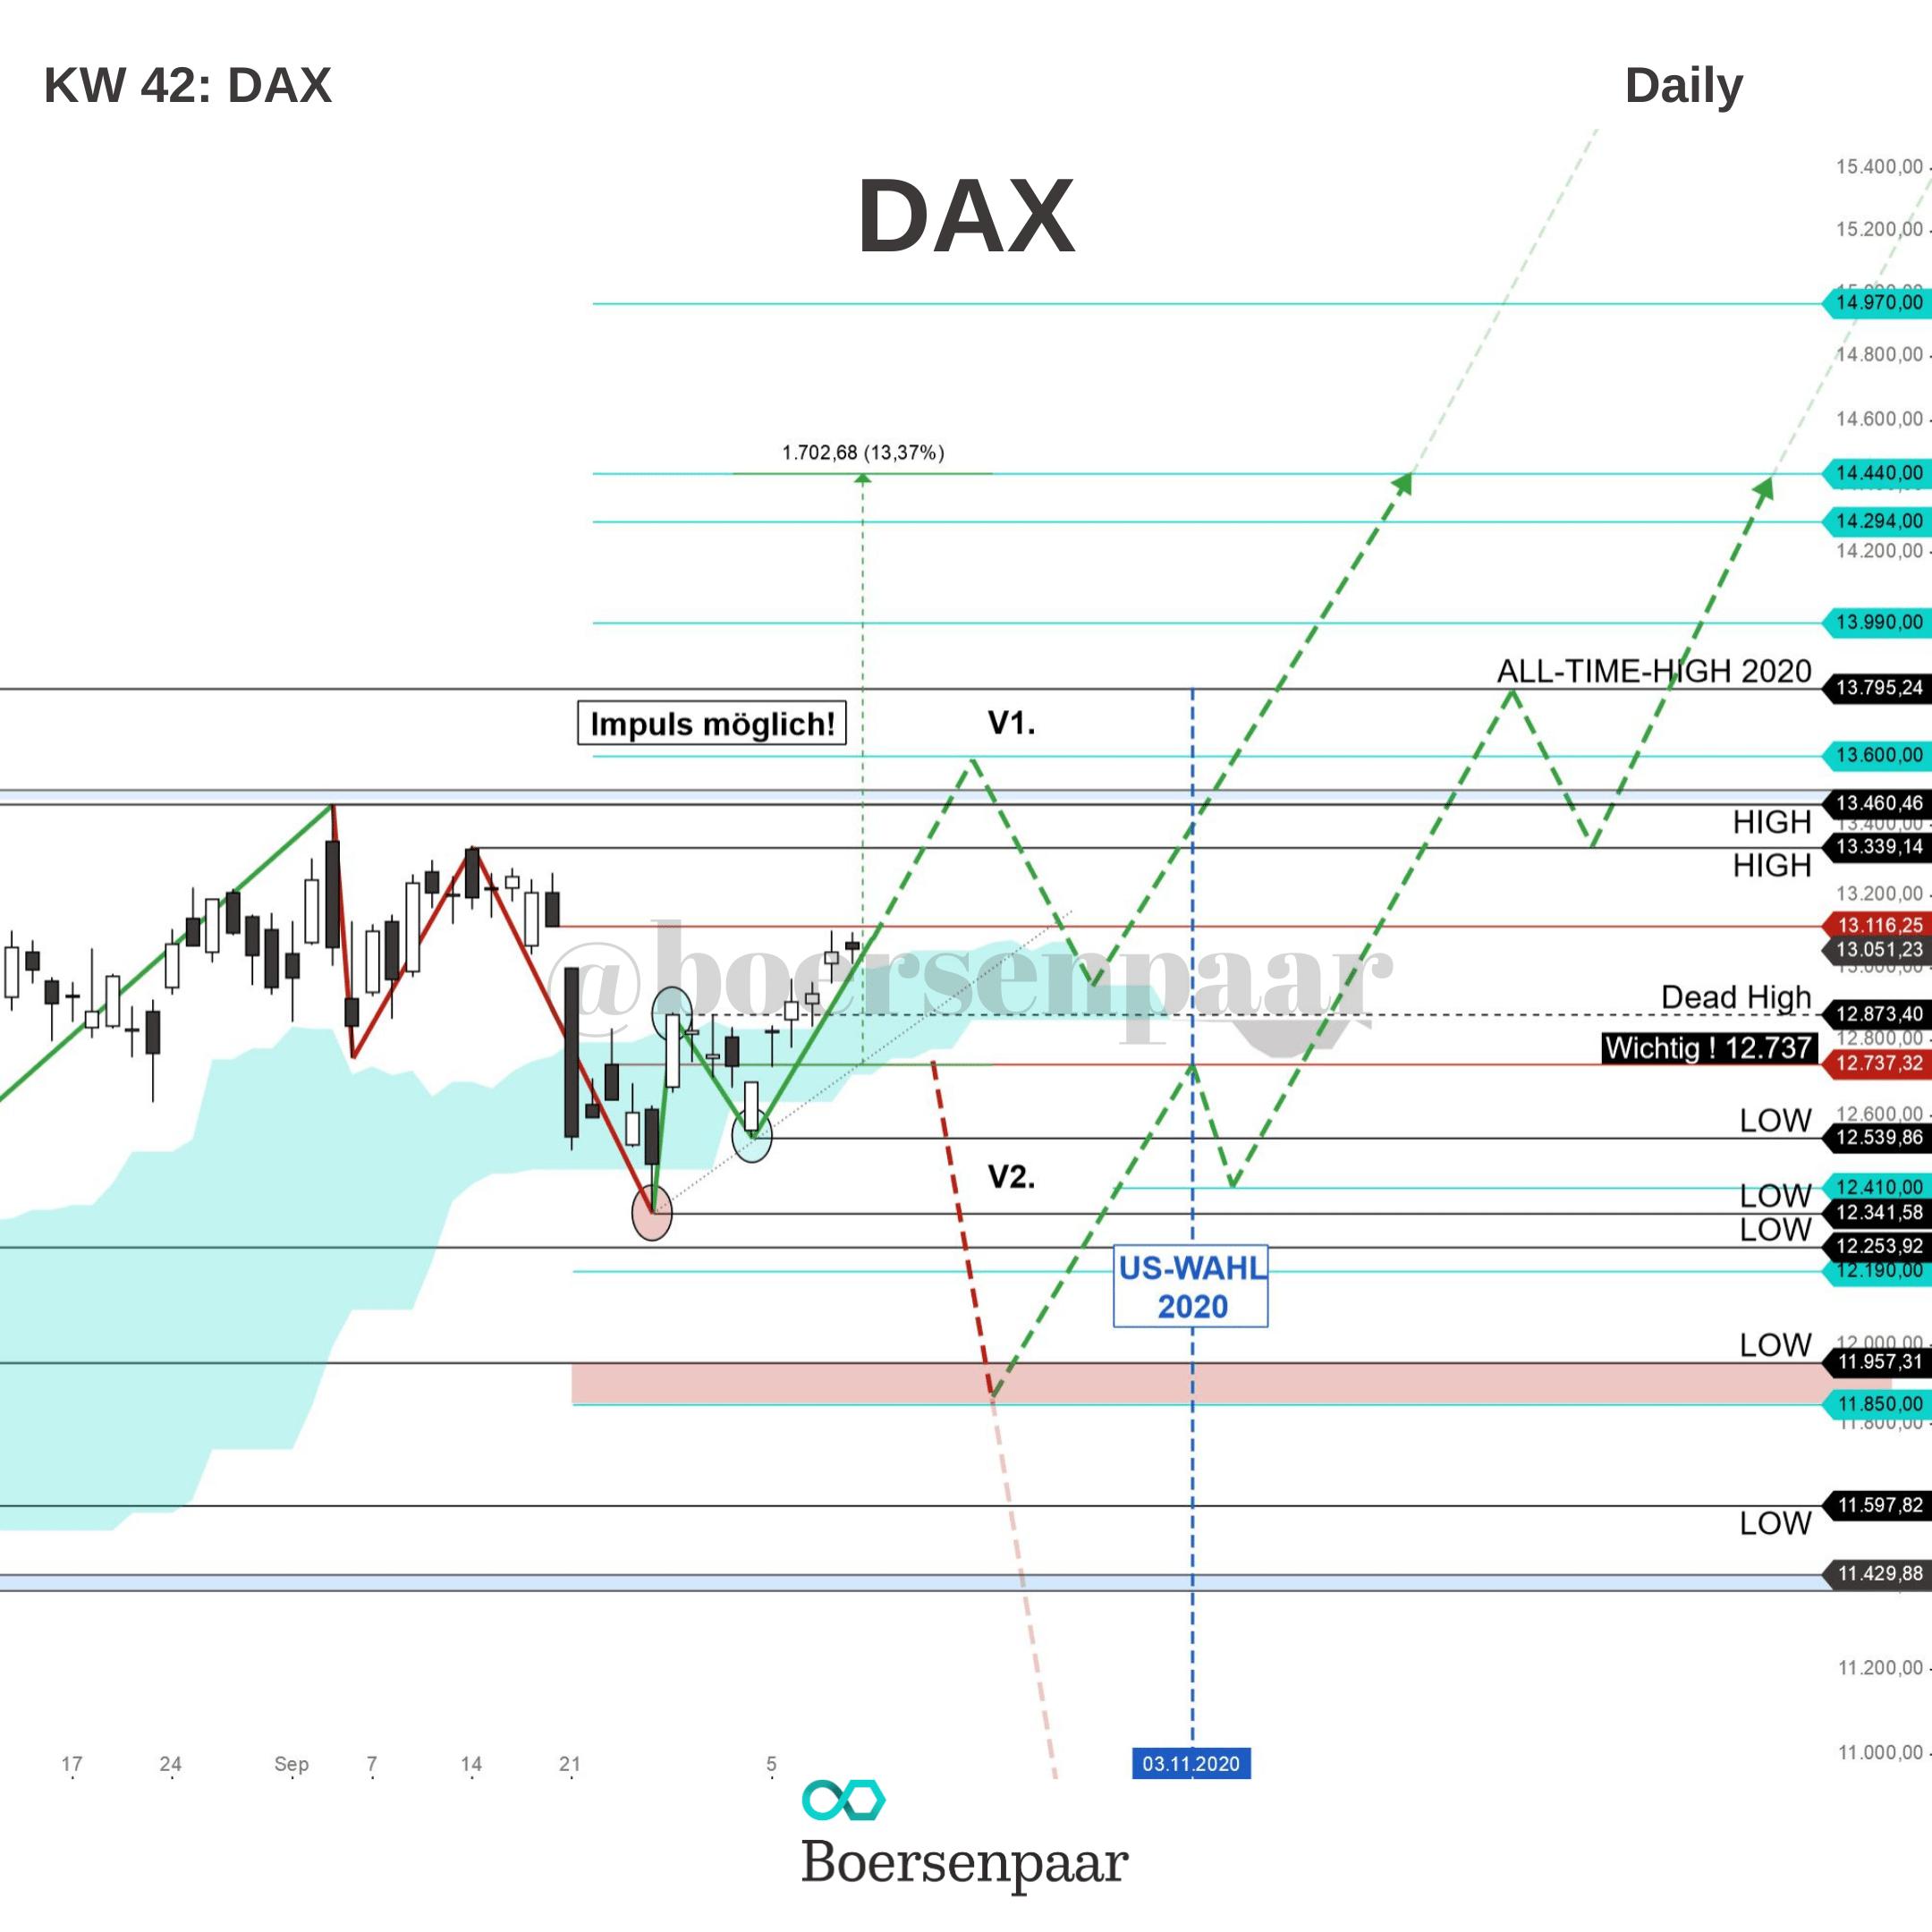 DAX Analyse - KW 42